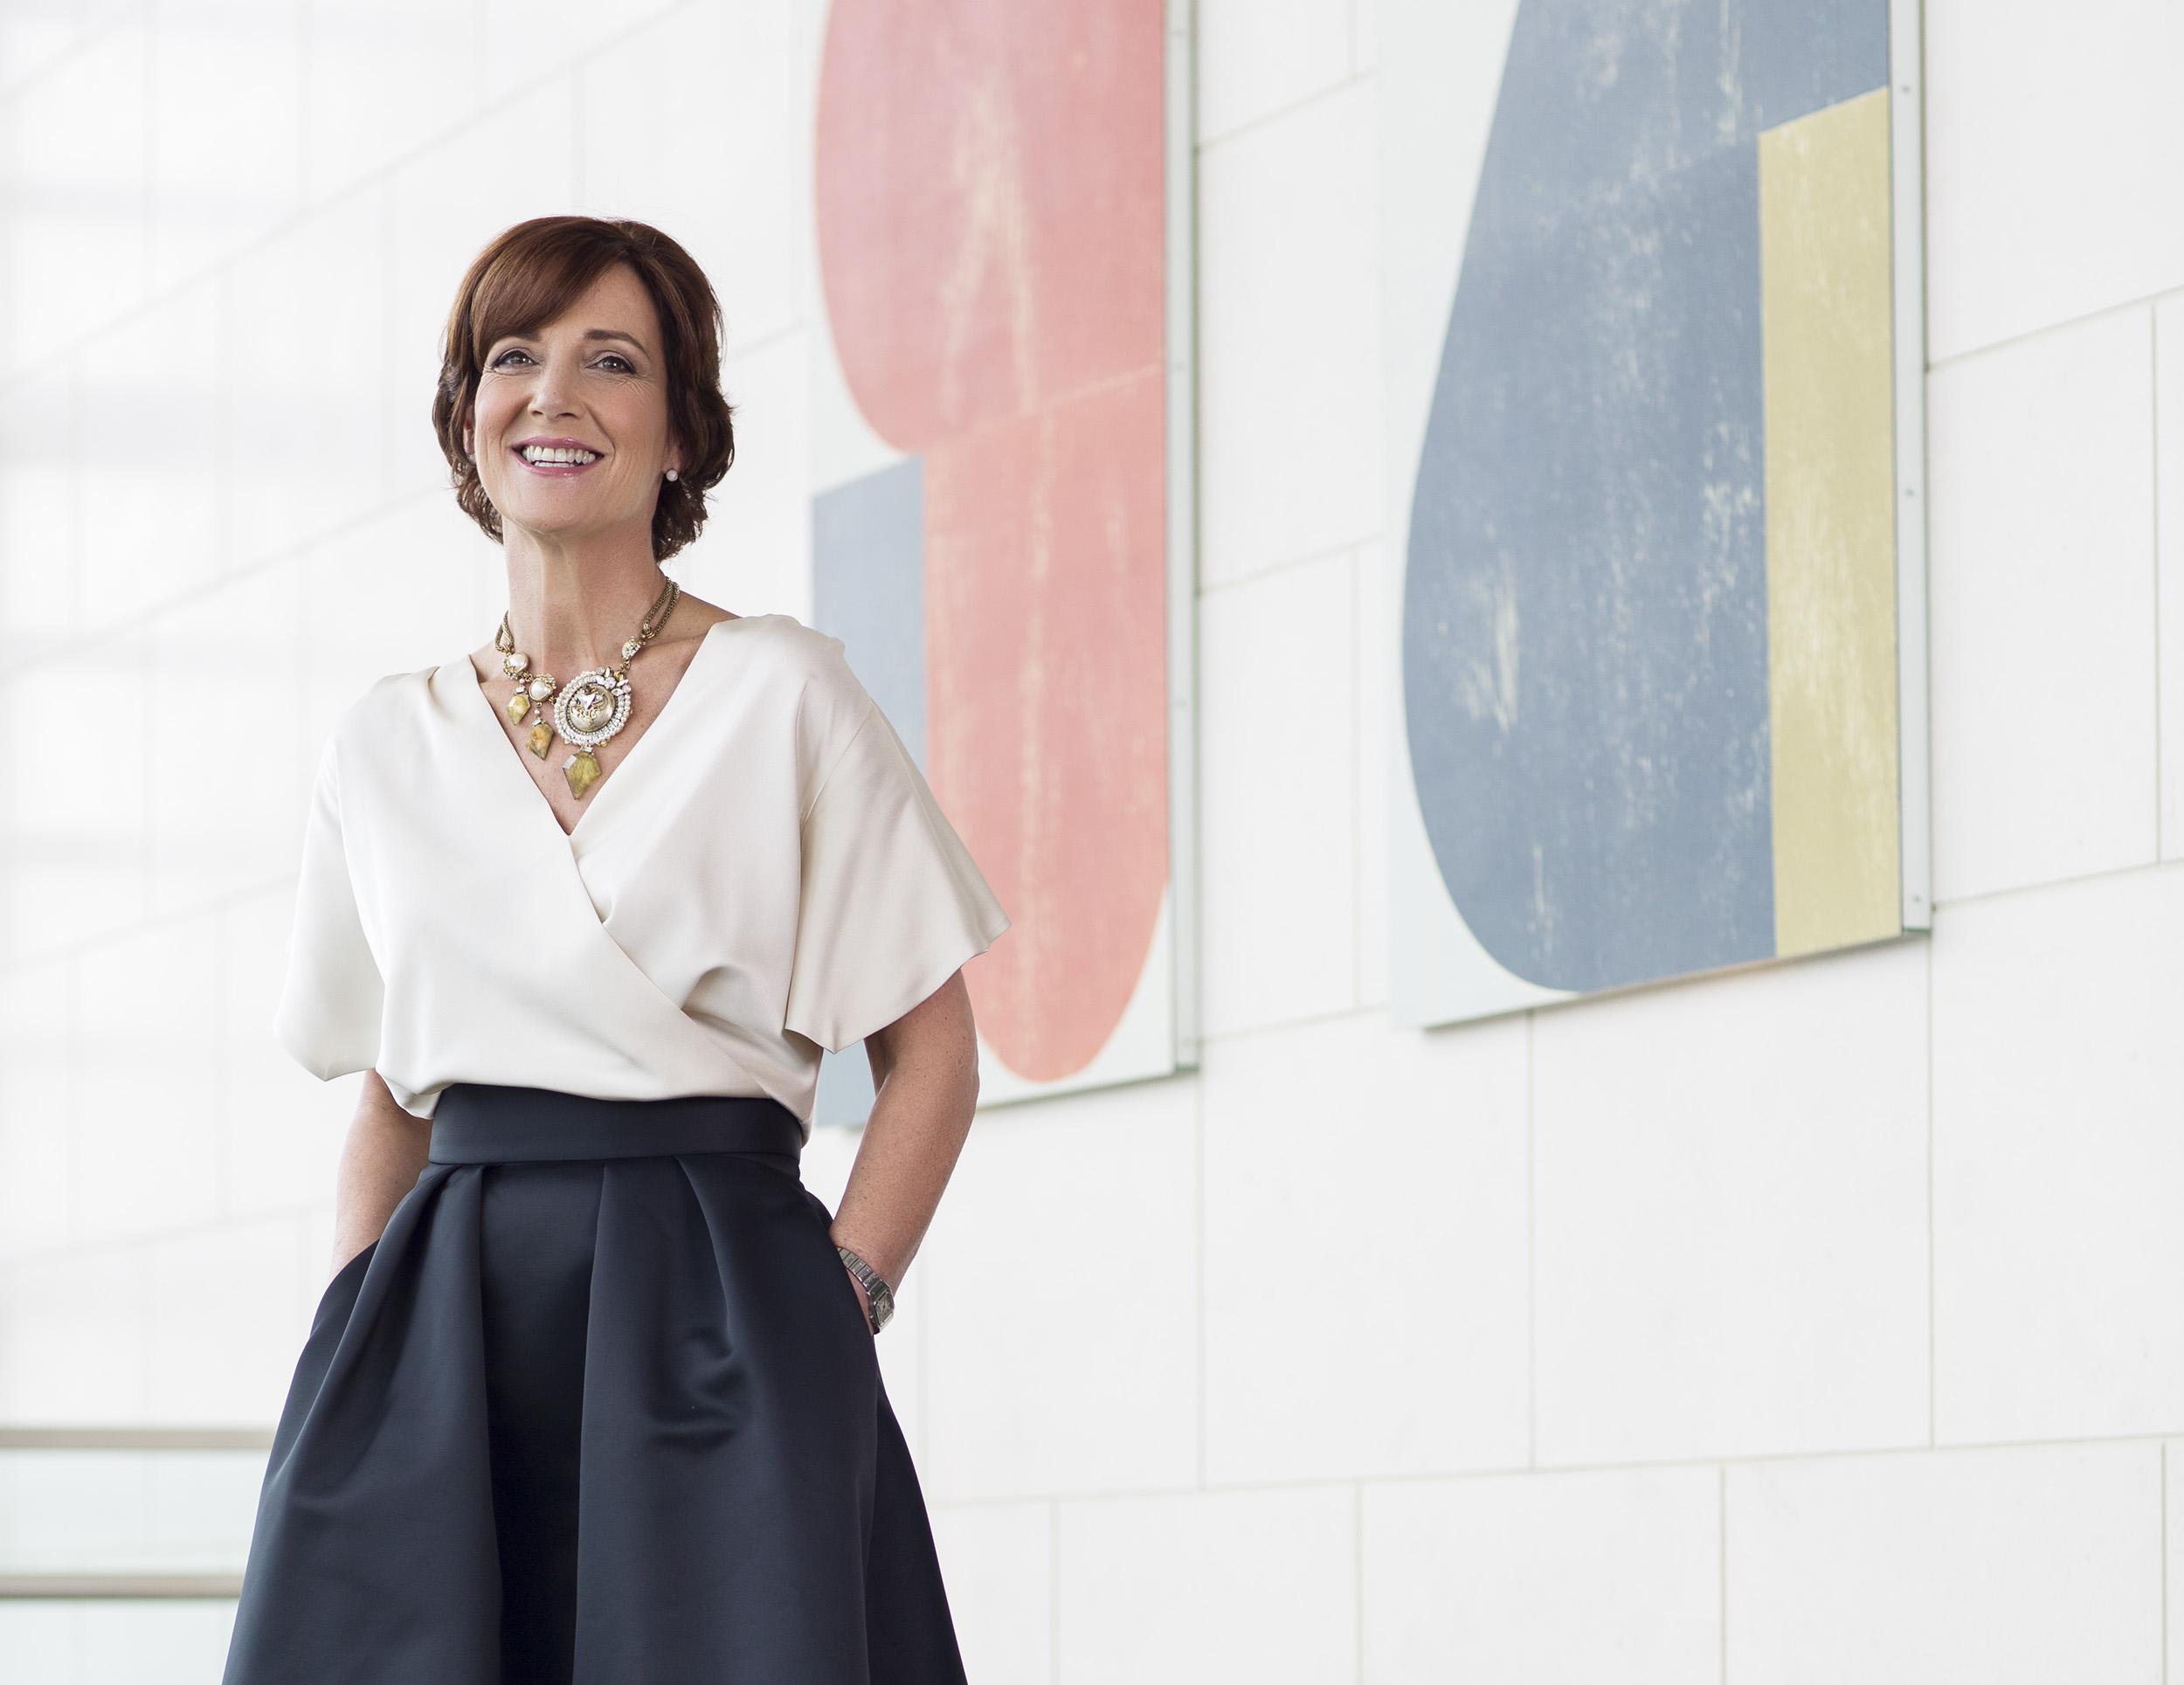 Vicki O'Toole for IMAGE Magazine